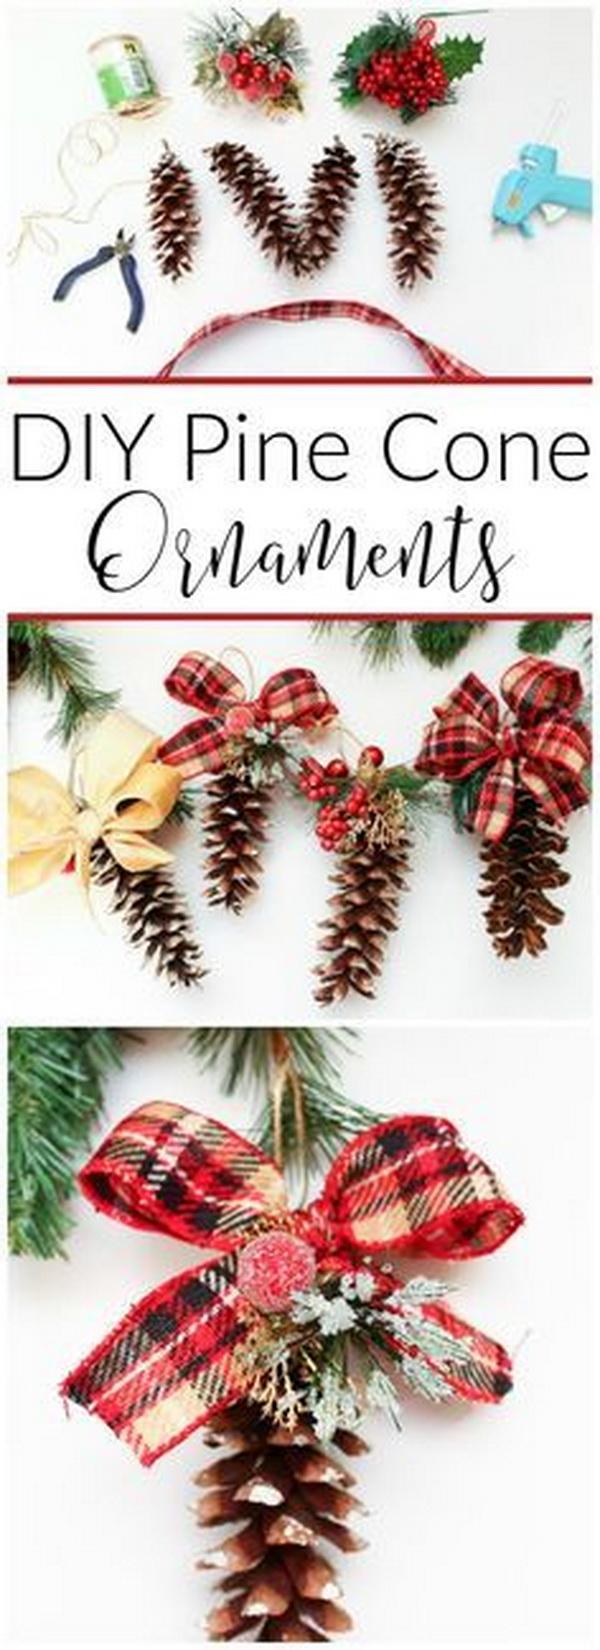 DIY Pine Cone Ornaments.